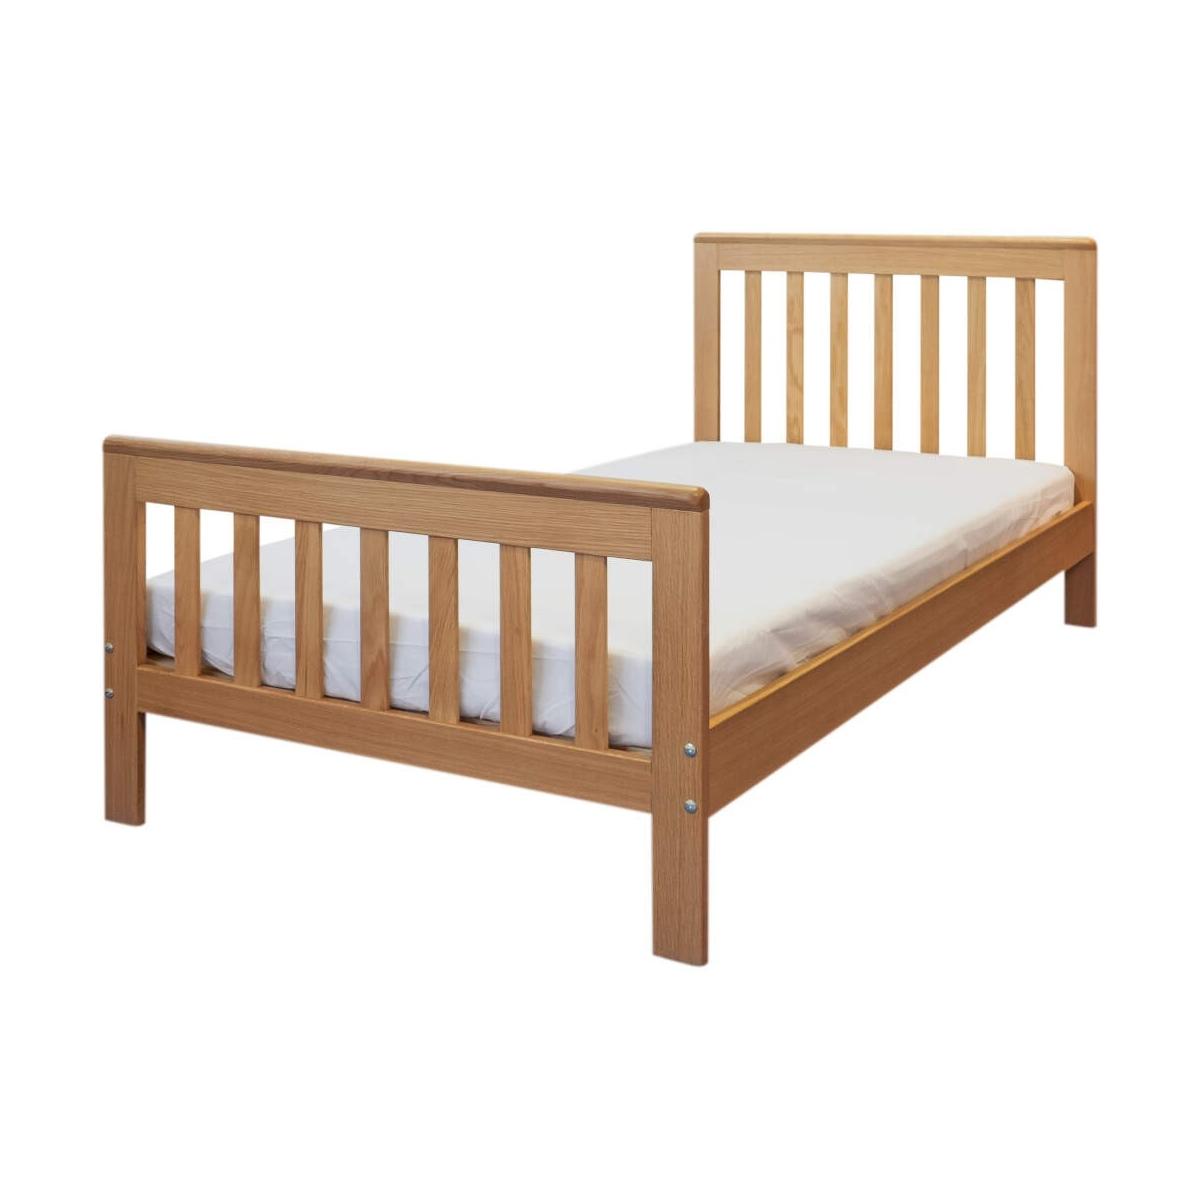 East Coast Blickling Oak Single Bed (NEW)